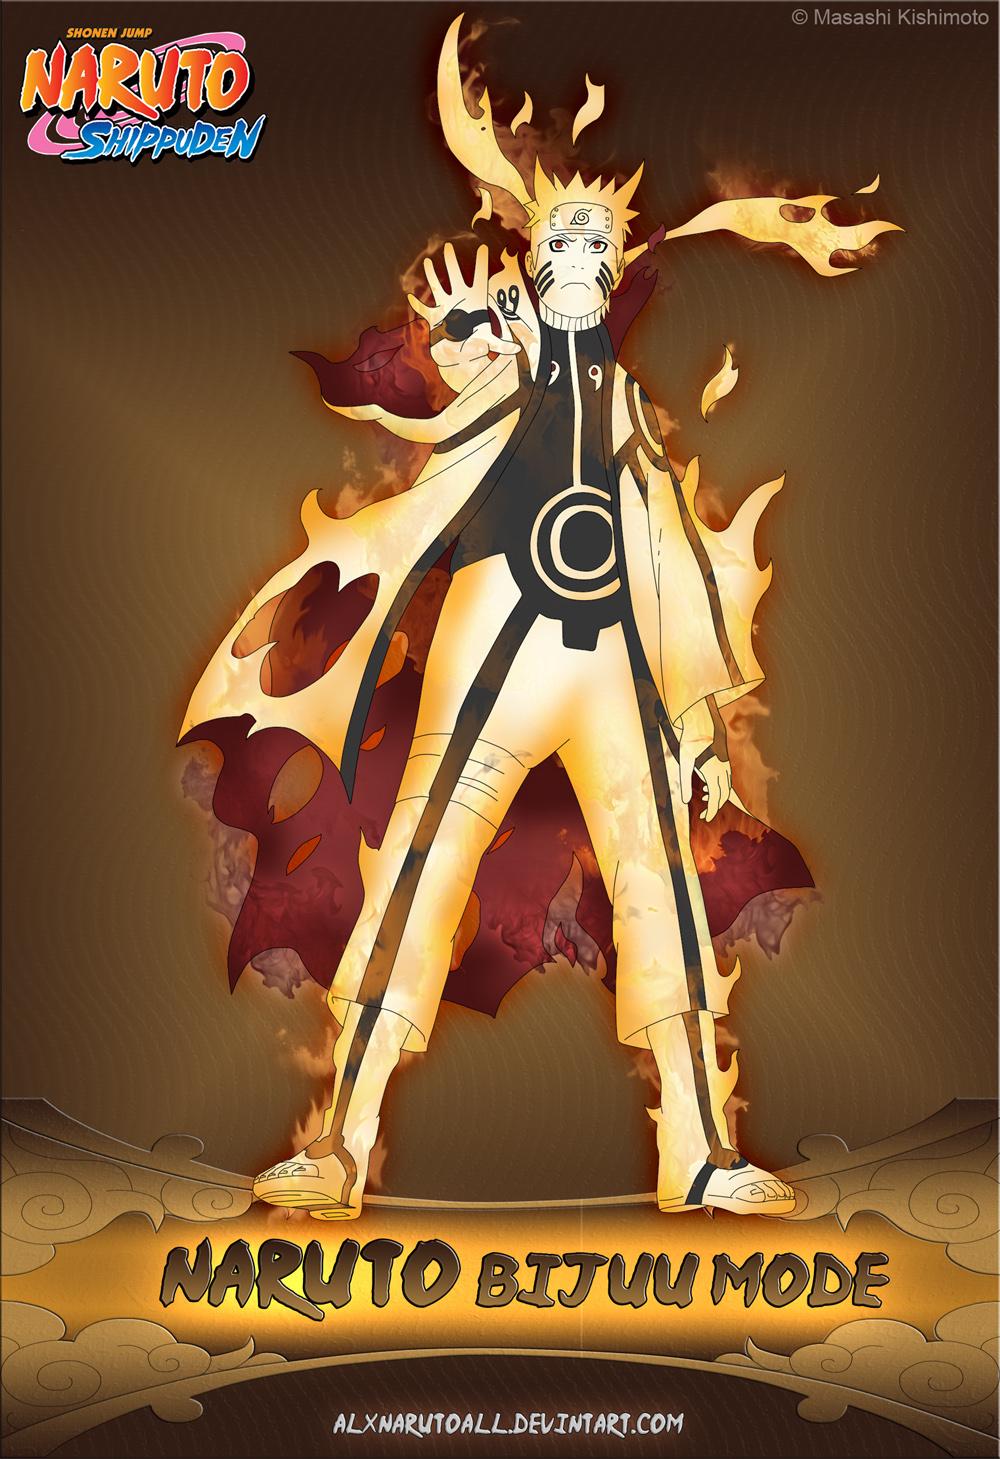 Bijuu Mode – Naruto's New Power – Naruto 571